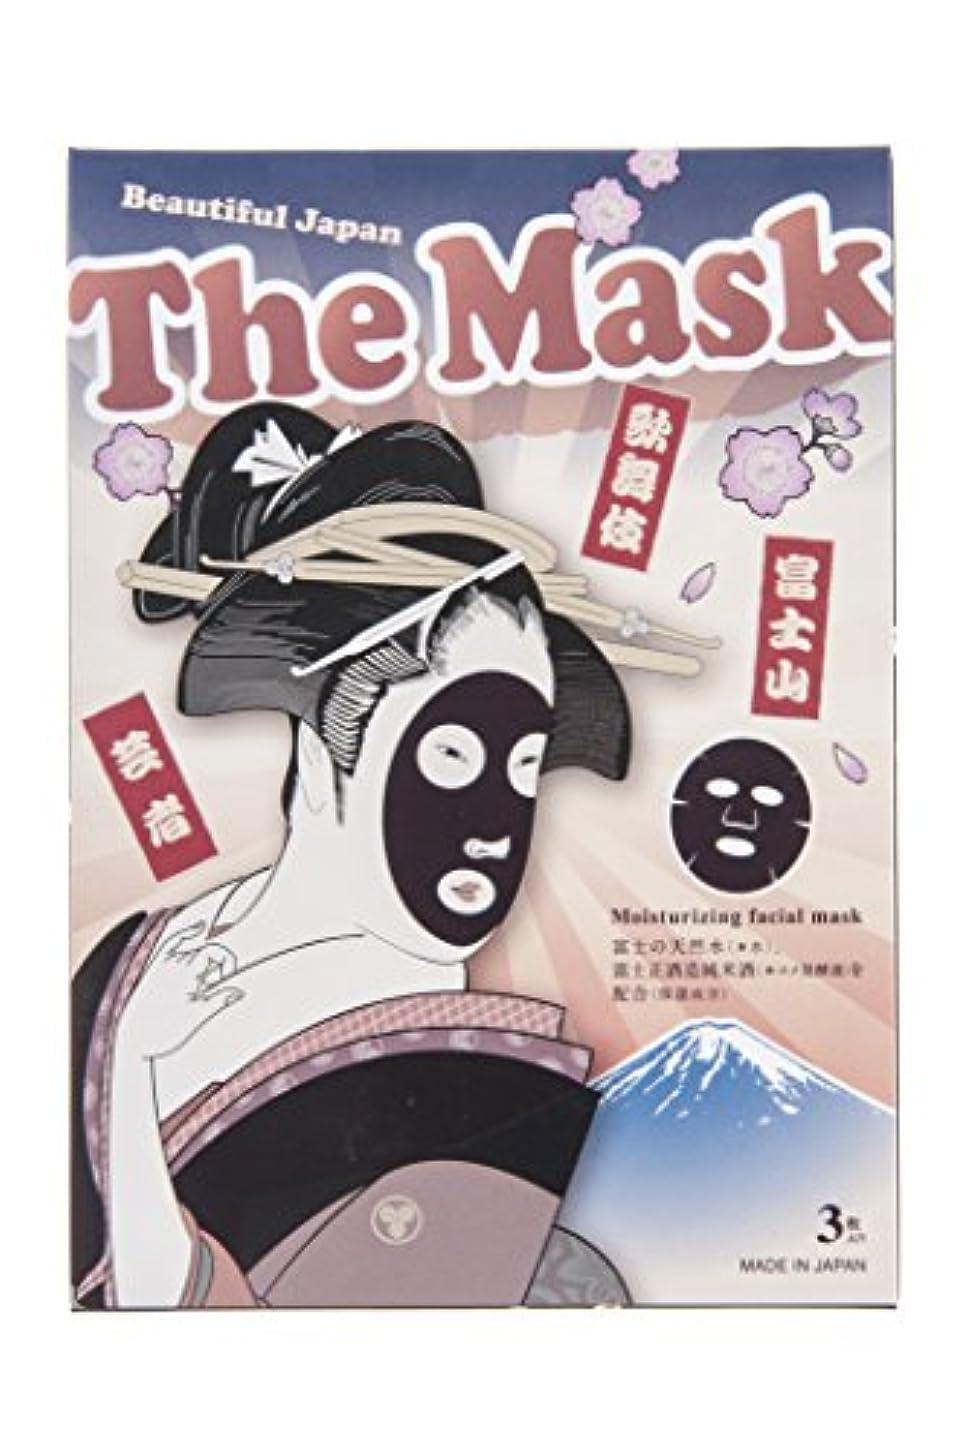 連鎖サロン武器富士山フェイシャルマスク